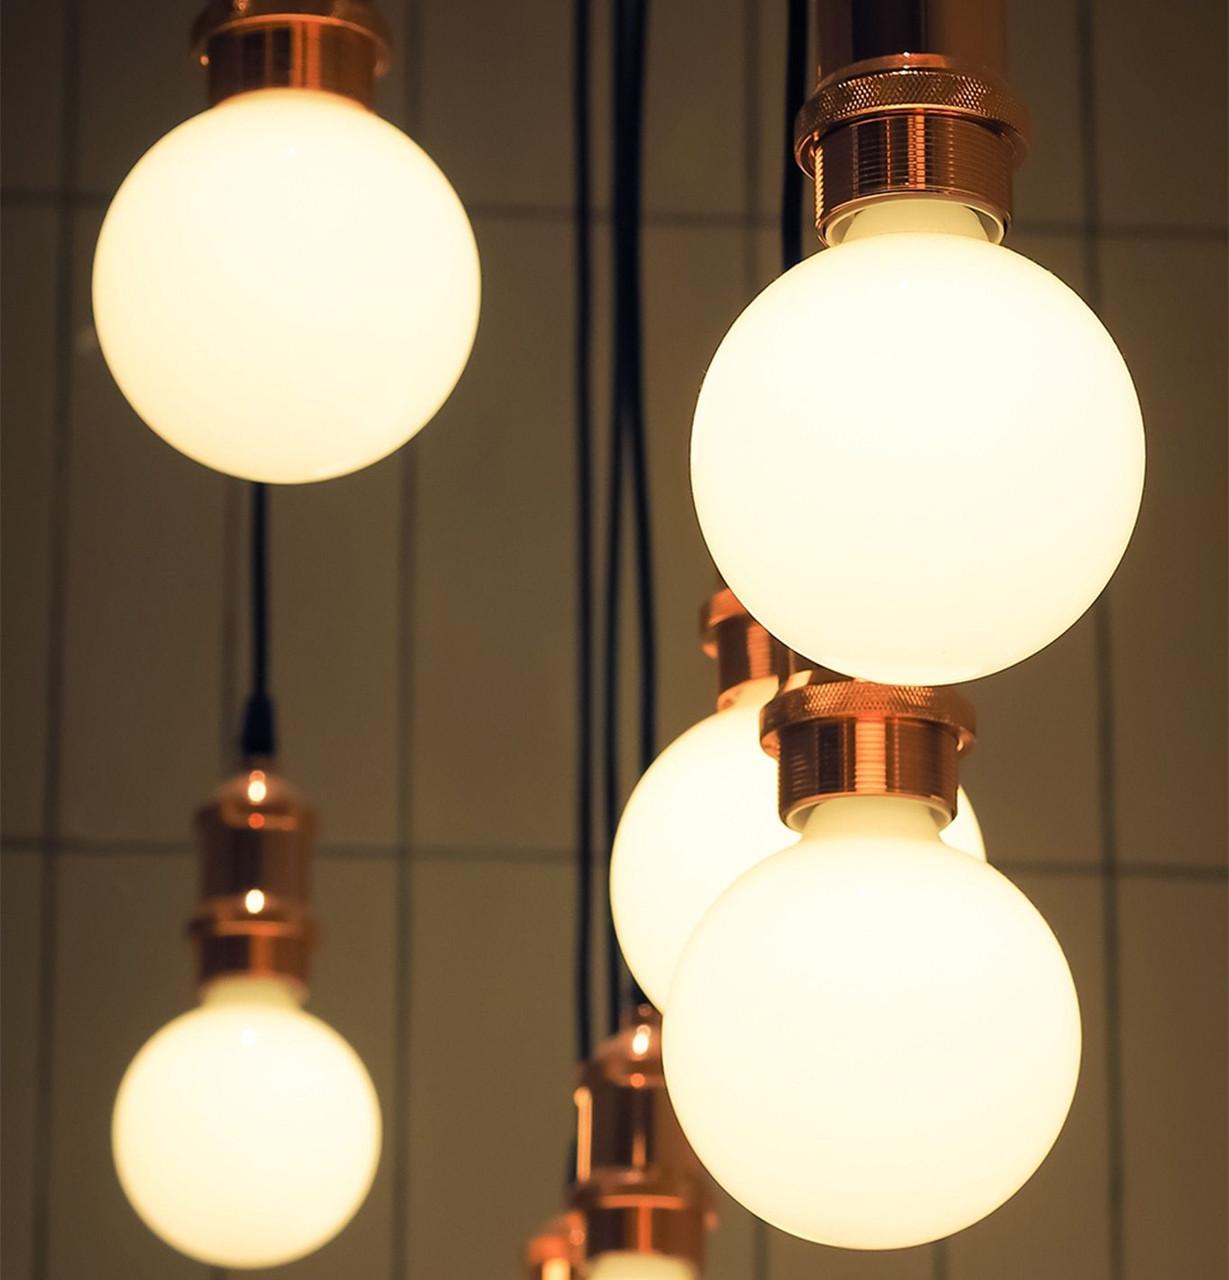 LED G125 Crackle Light Bulbs